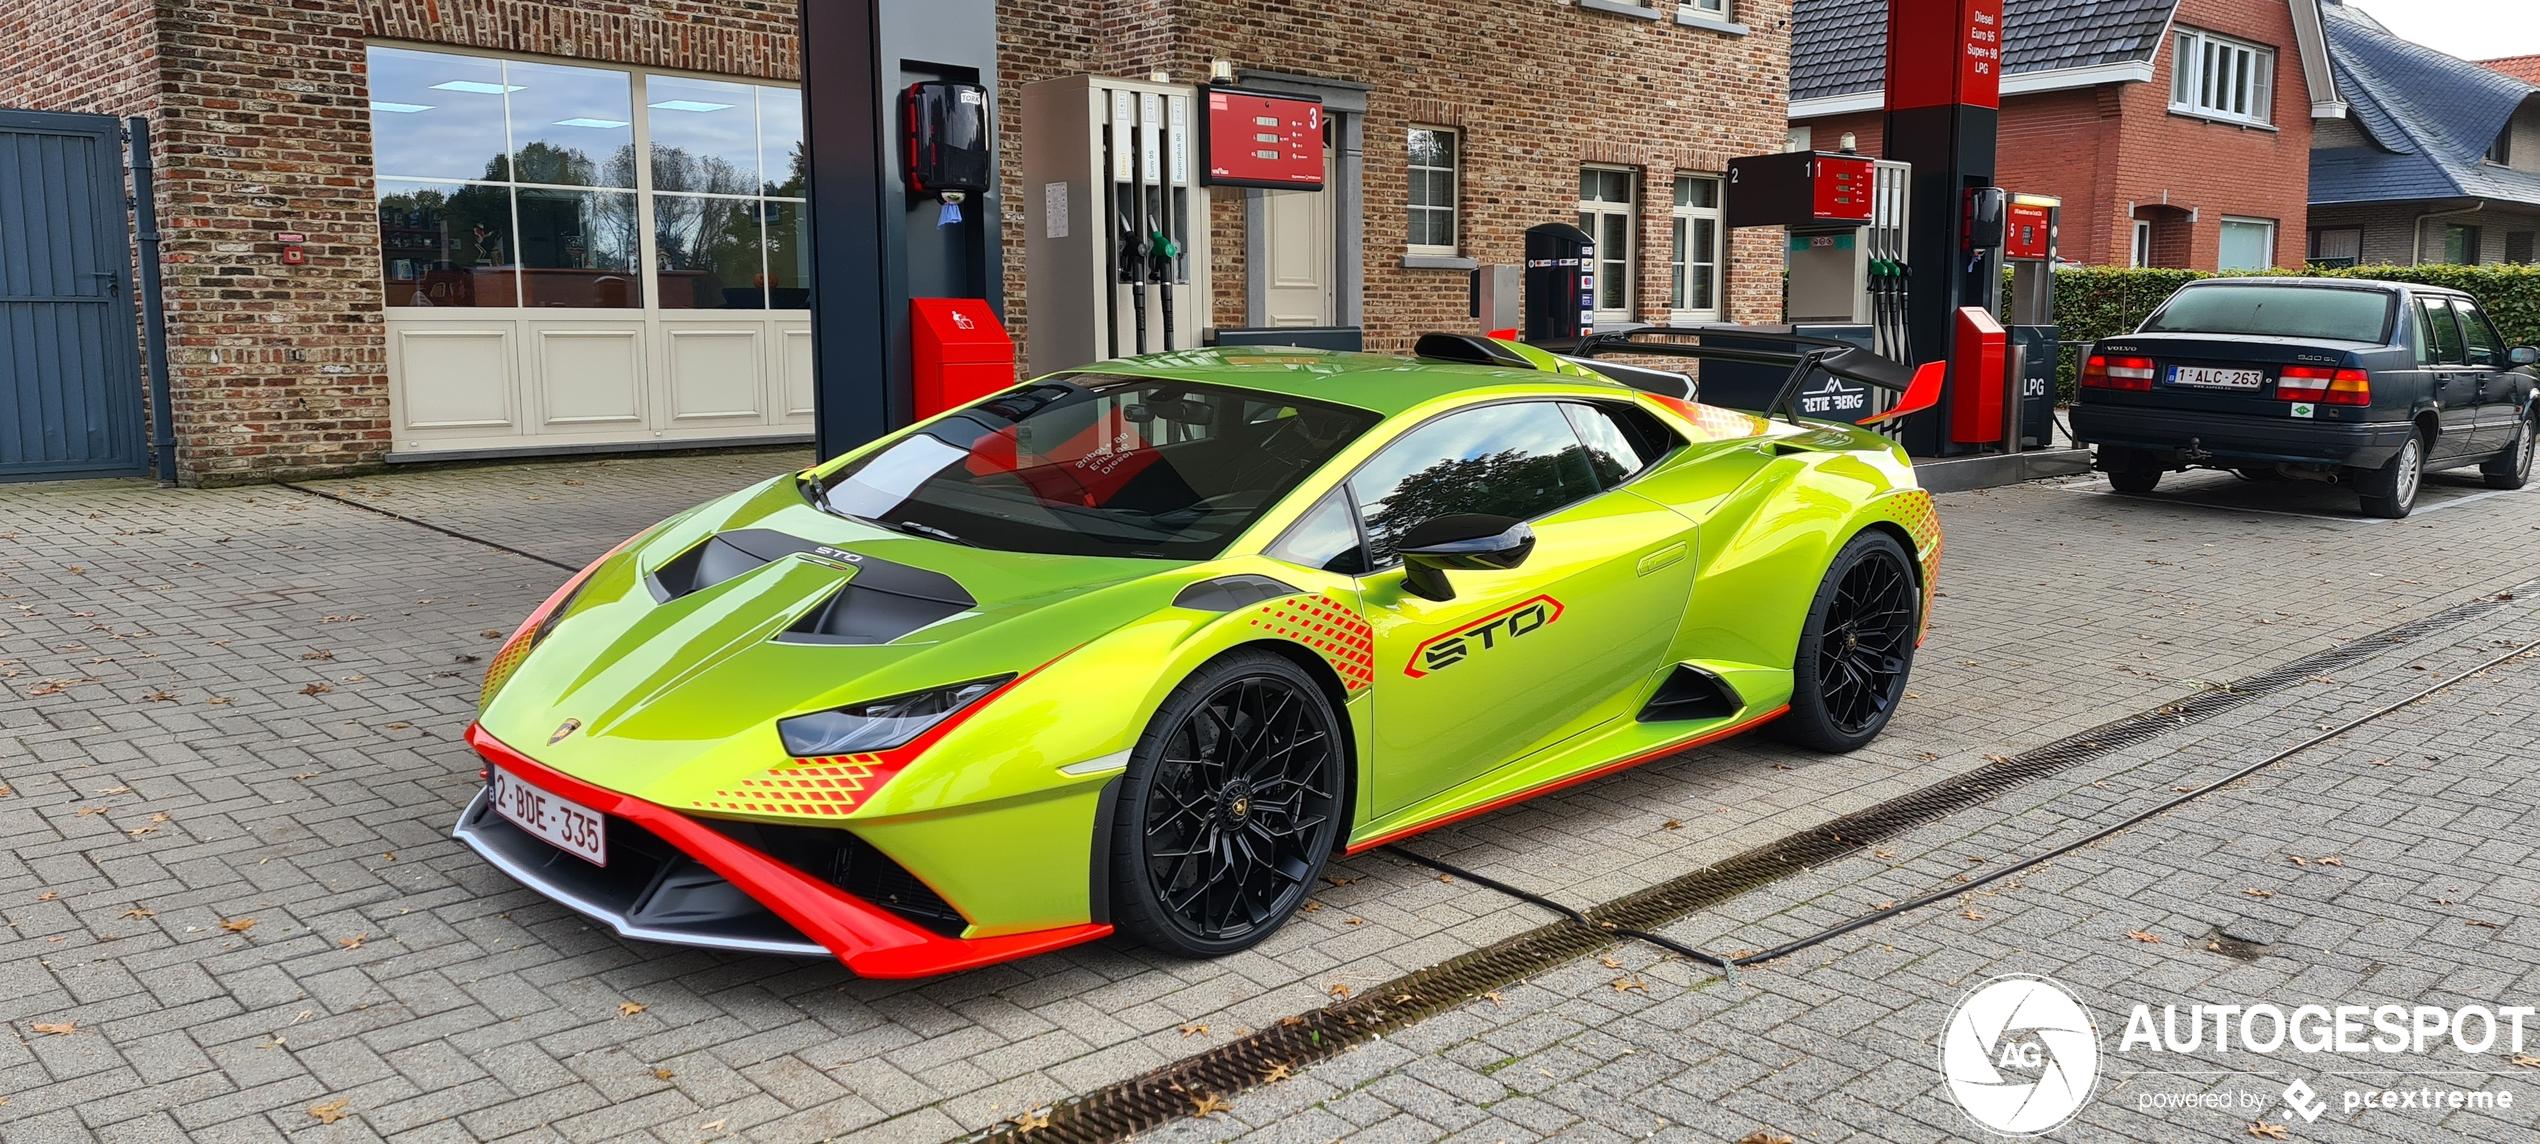 U kijkt naar de eerste Lamborghini Huracán LP640-2 STO van België